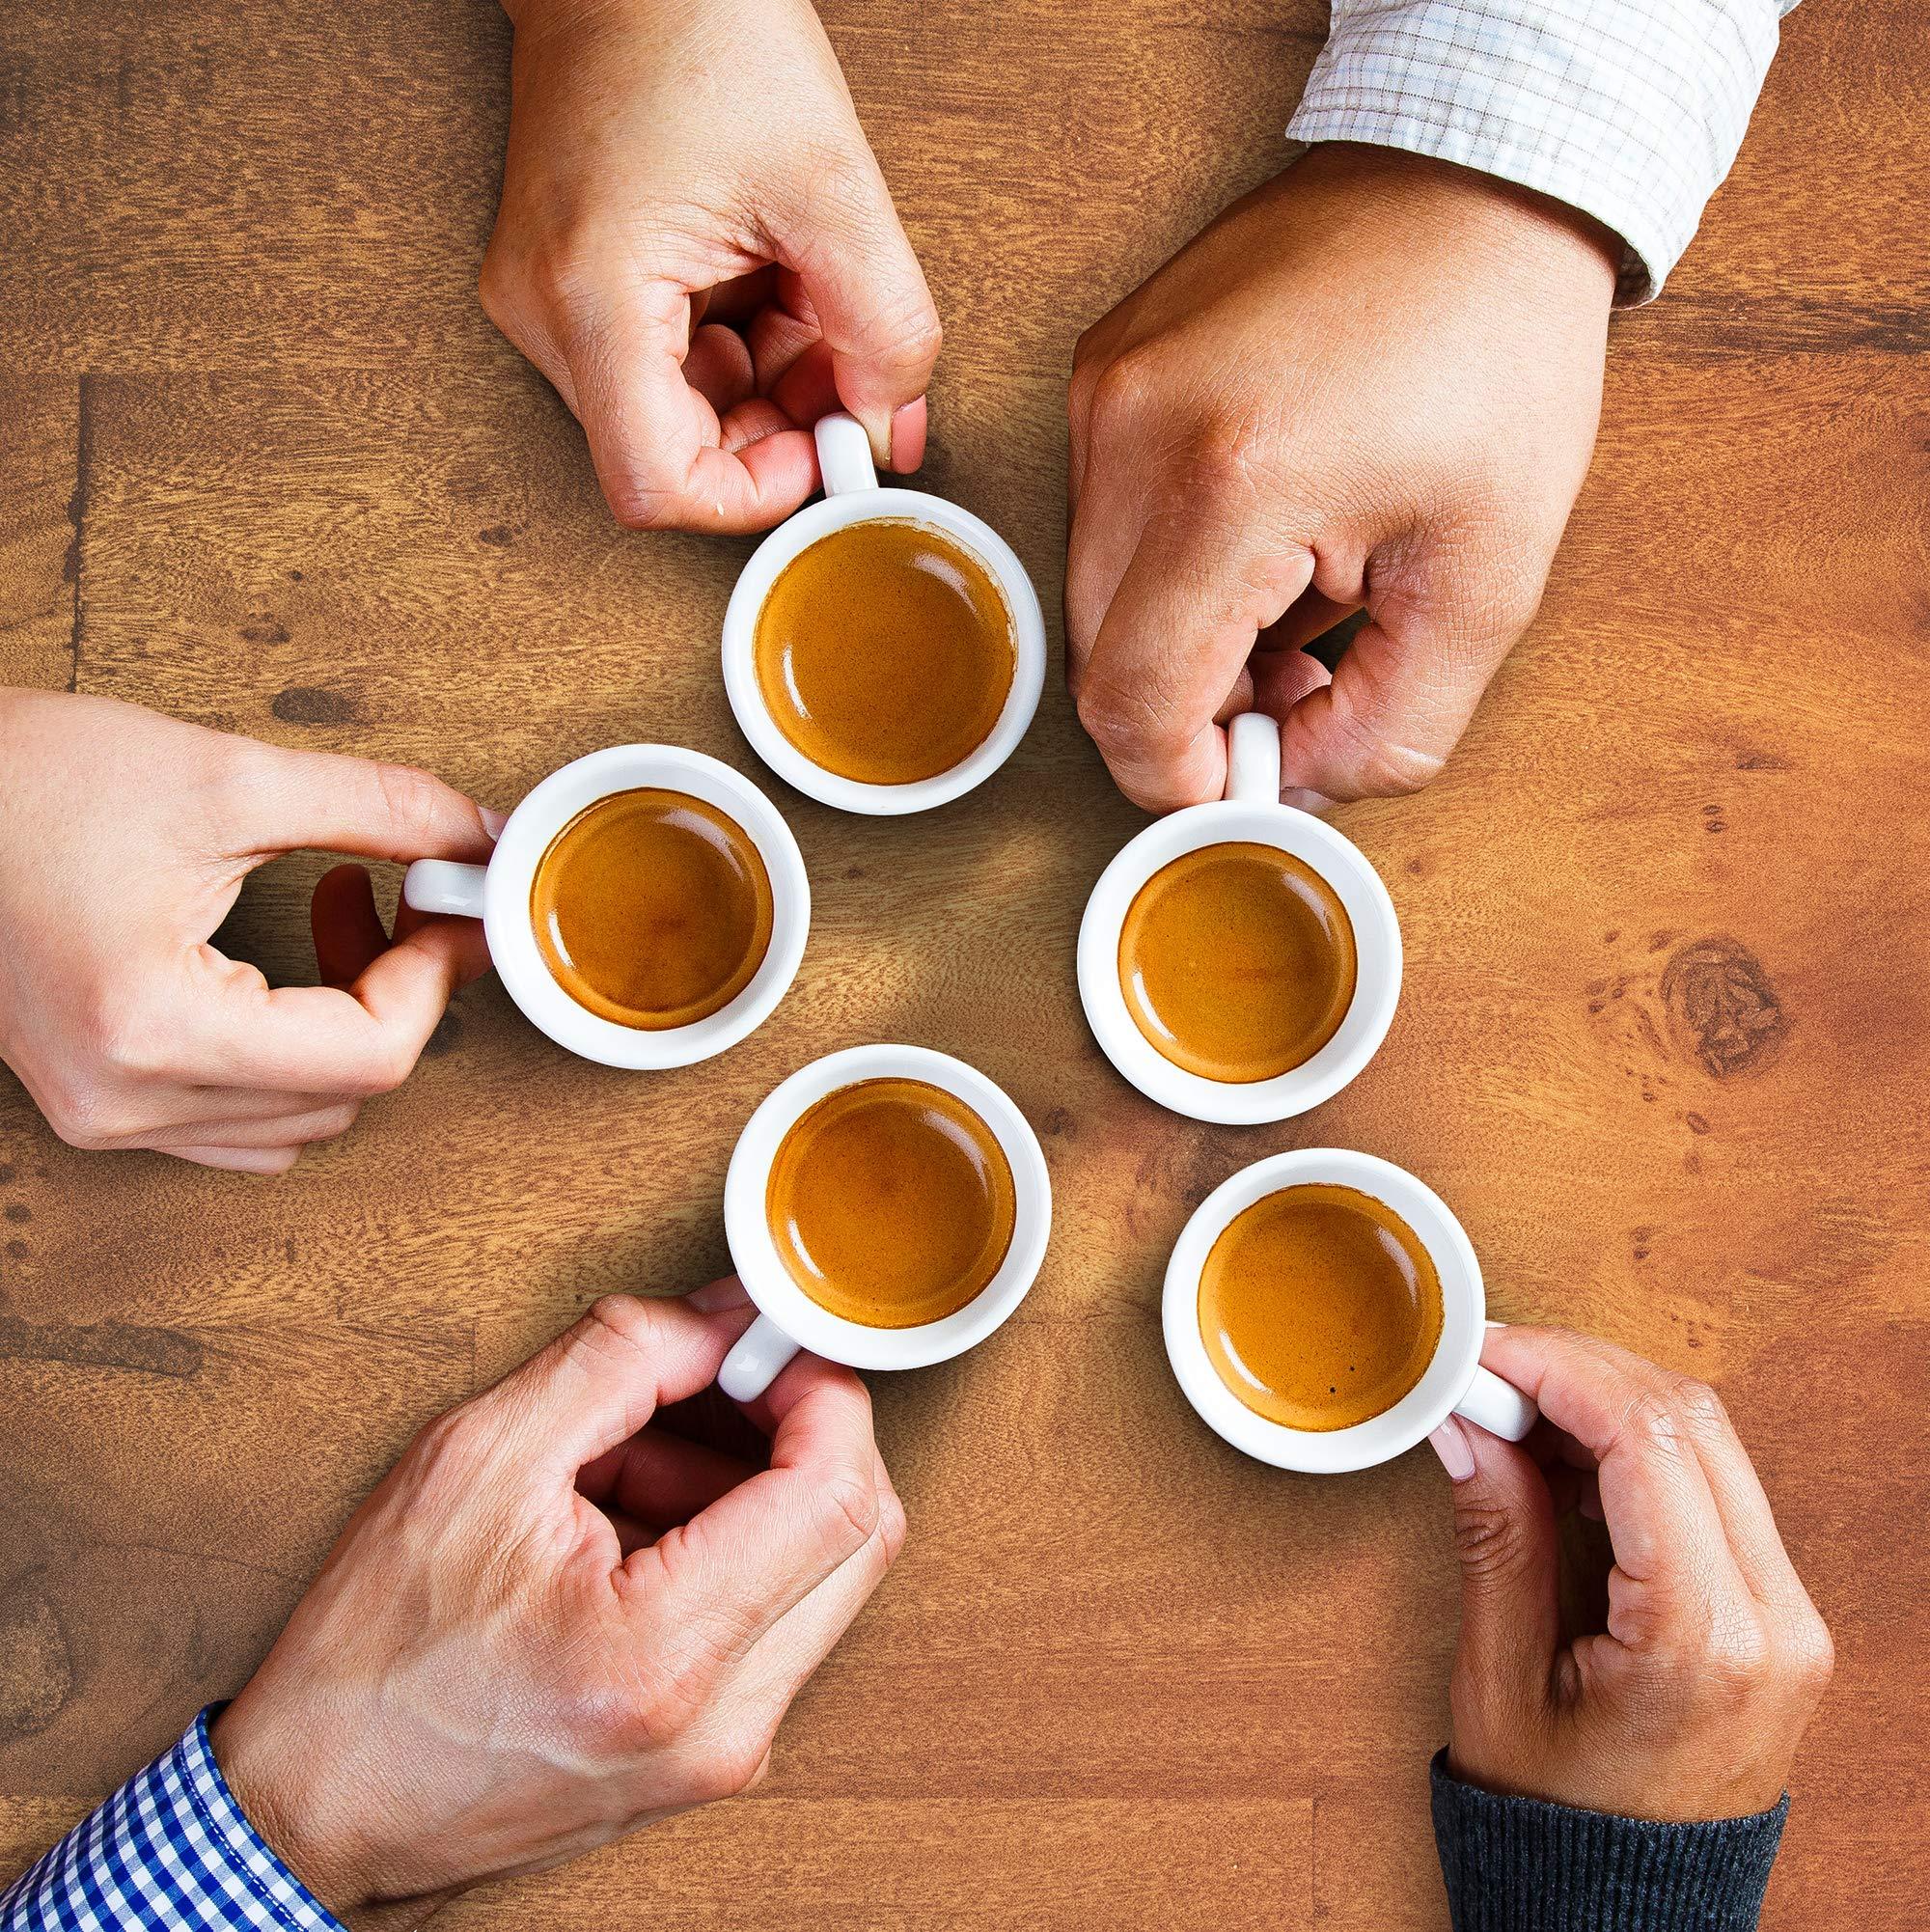 Café La Llave Espresso Capsules, Intensity 11 (80 Pods) Compatible with Nespresso OriginalLine Machines, Single Cup Coffee by Cafe La Llave (Image #10)